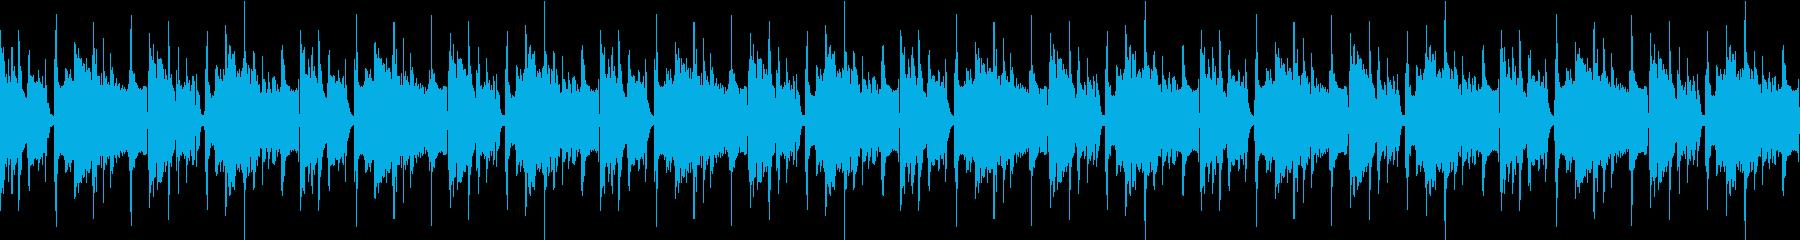 危険なループ2の再生済みの波形